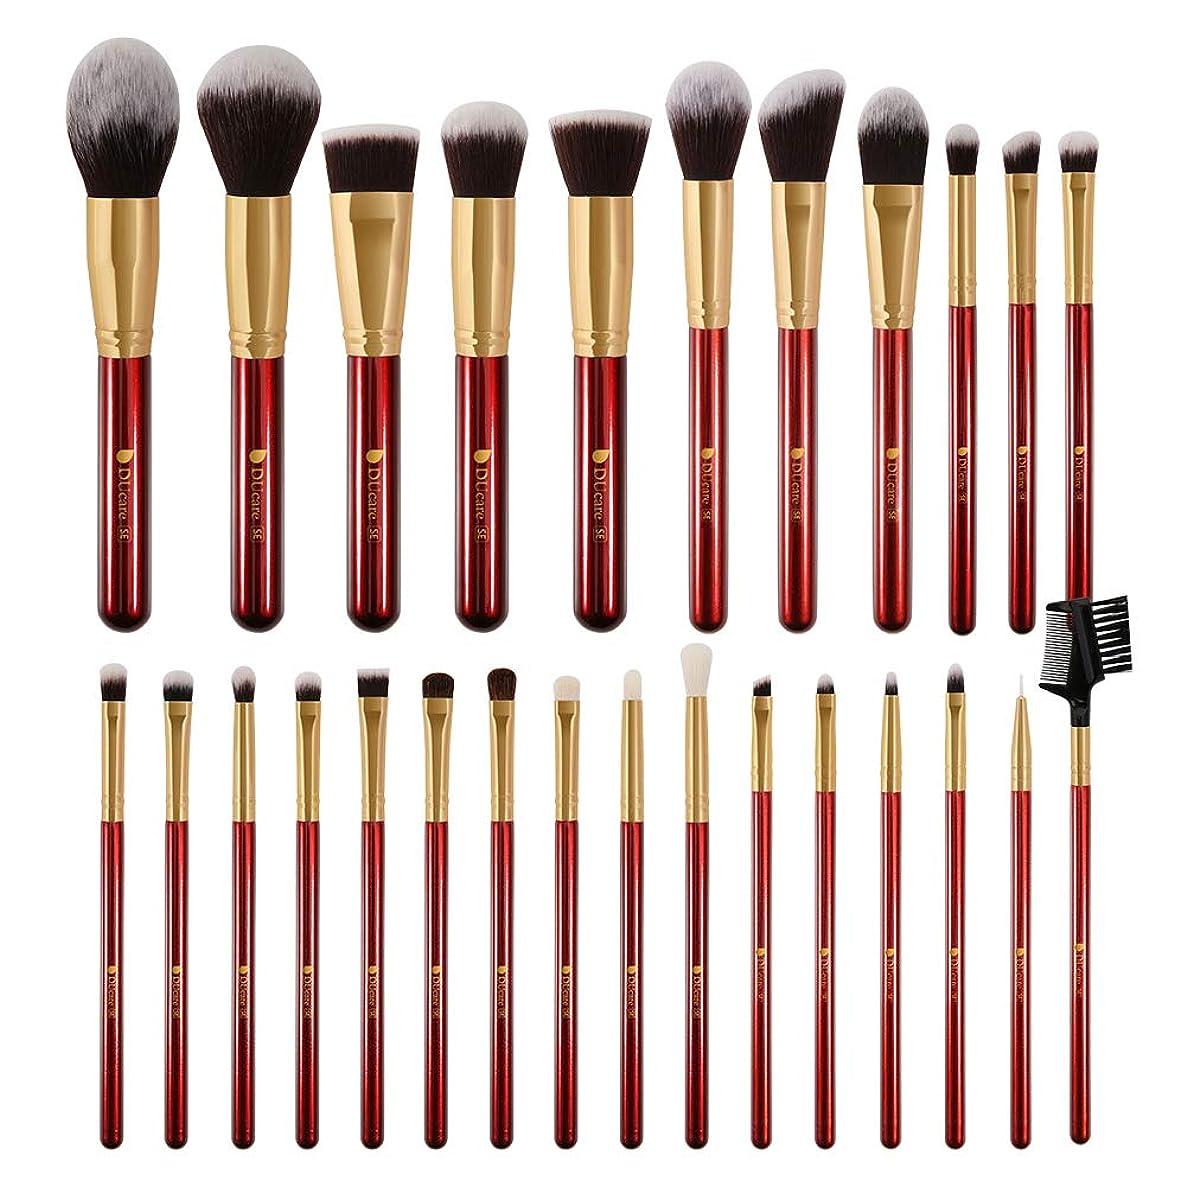 増強する解釈的関係するDUcare ドゥケア メイクブラシ 27本セット 化粧筆 フェイスブラシ PBT毛&天然毛 (赤) 同シリーズでブラックあり